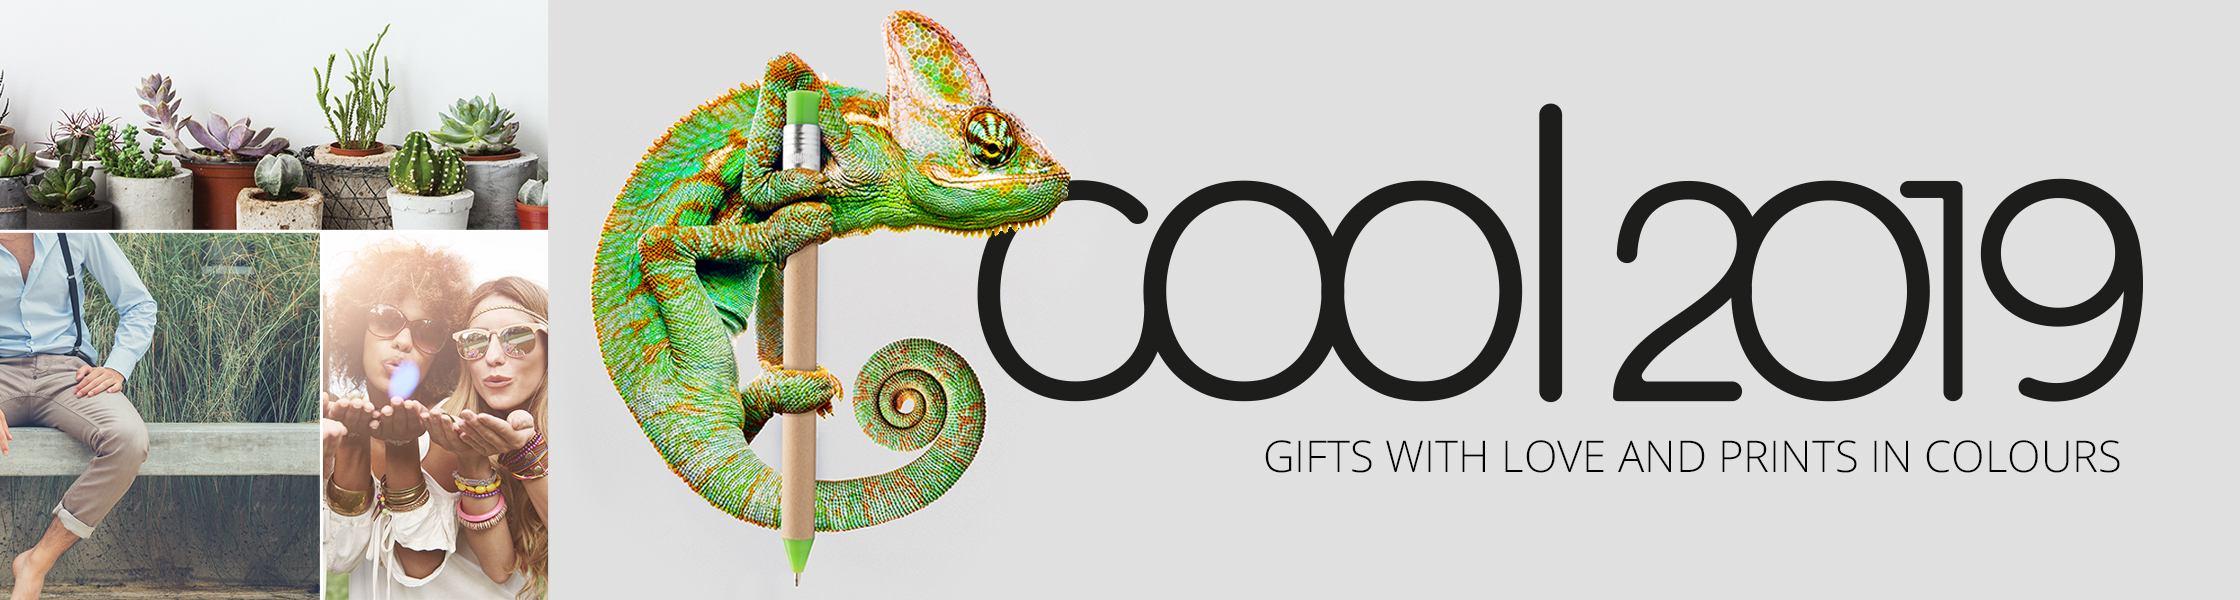 Sprawdź nasz katalog COOL 2019!